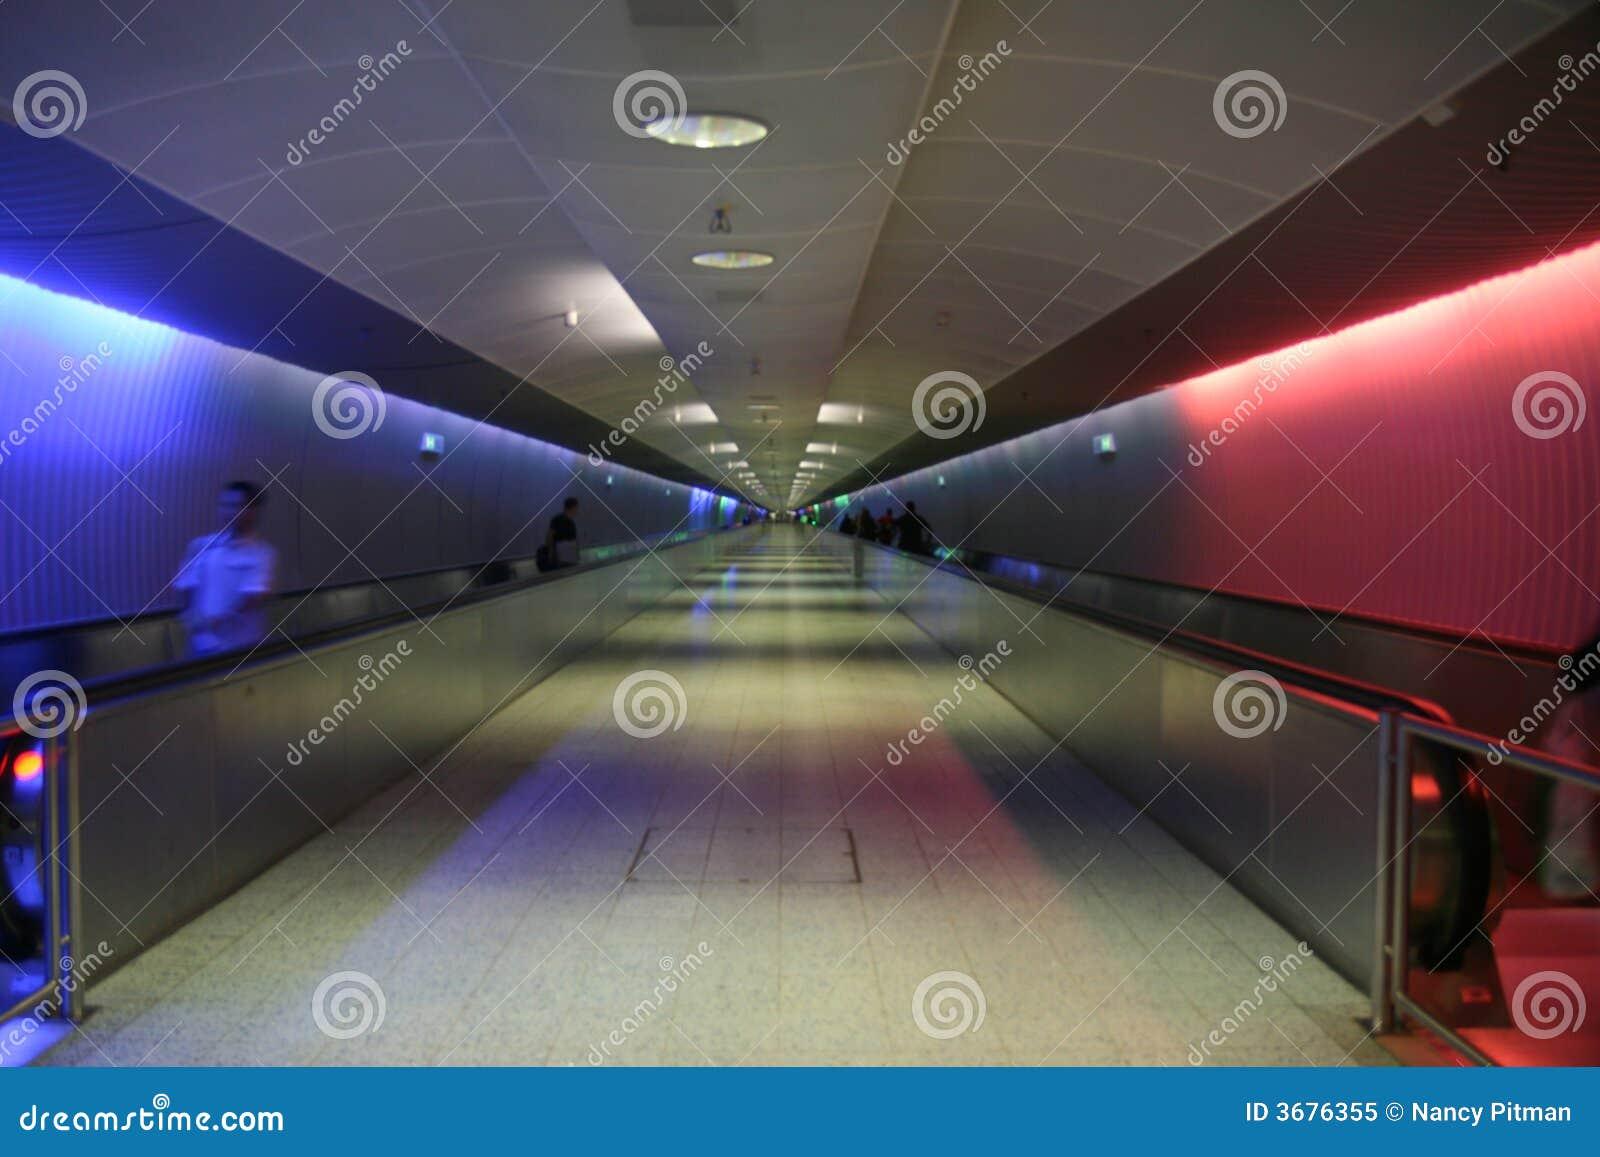 Download Traforo immagine stock. Immagine di moderno, neon, luce - 3676355